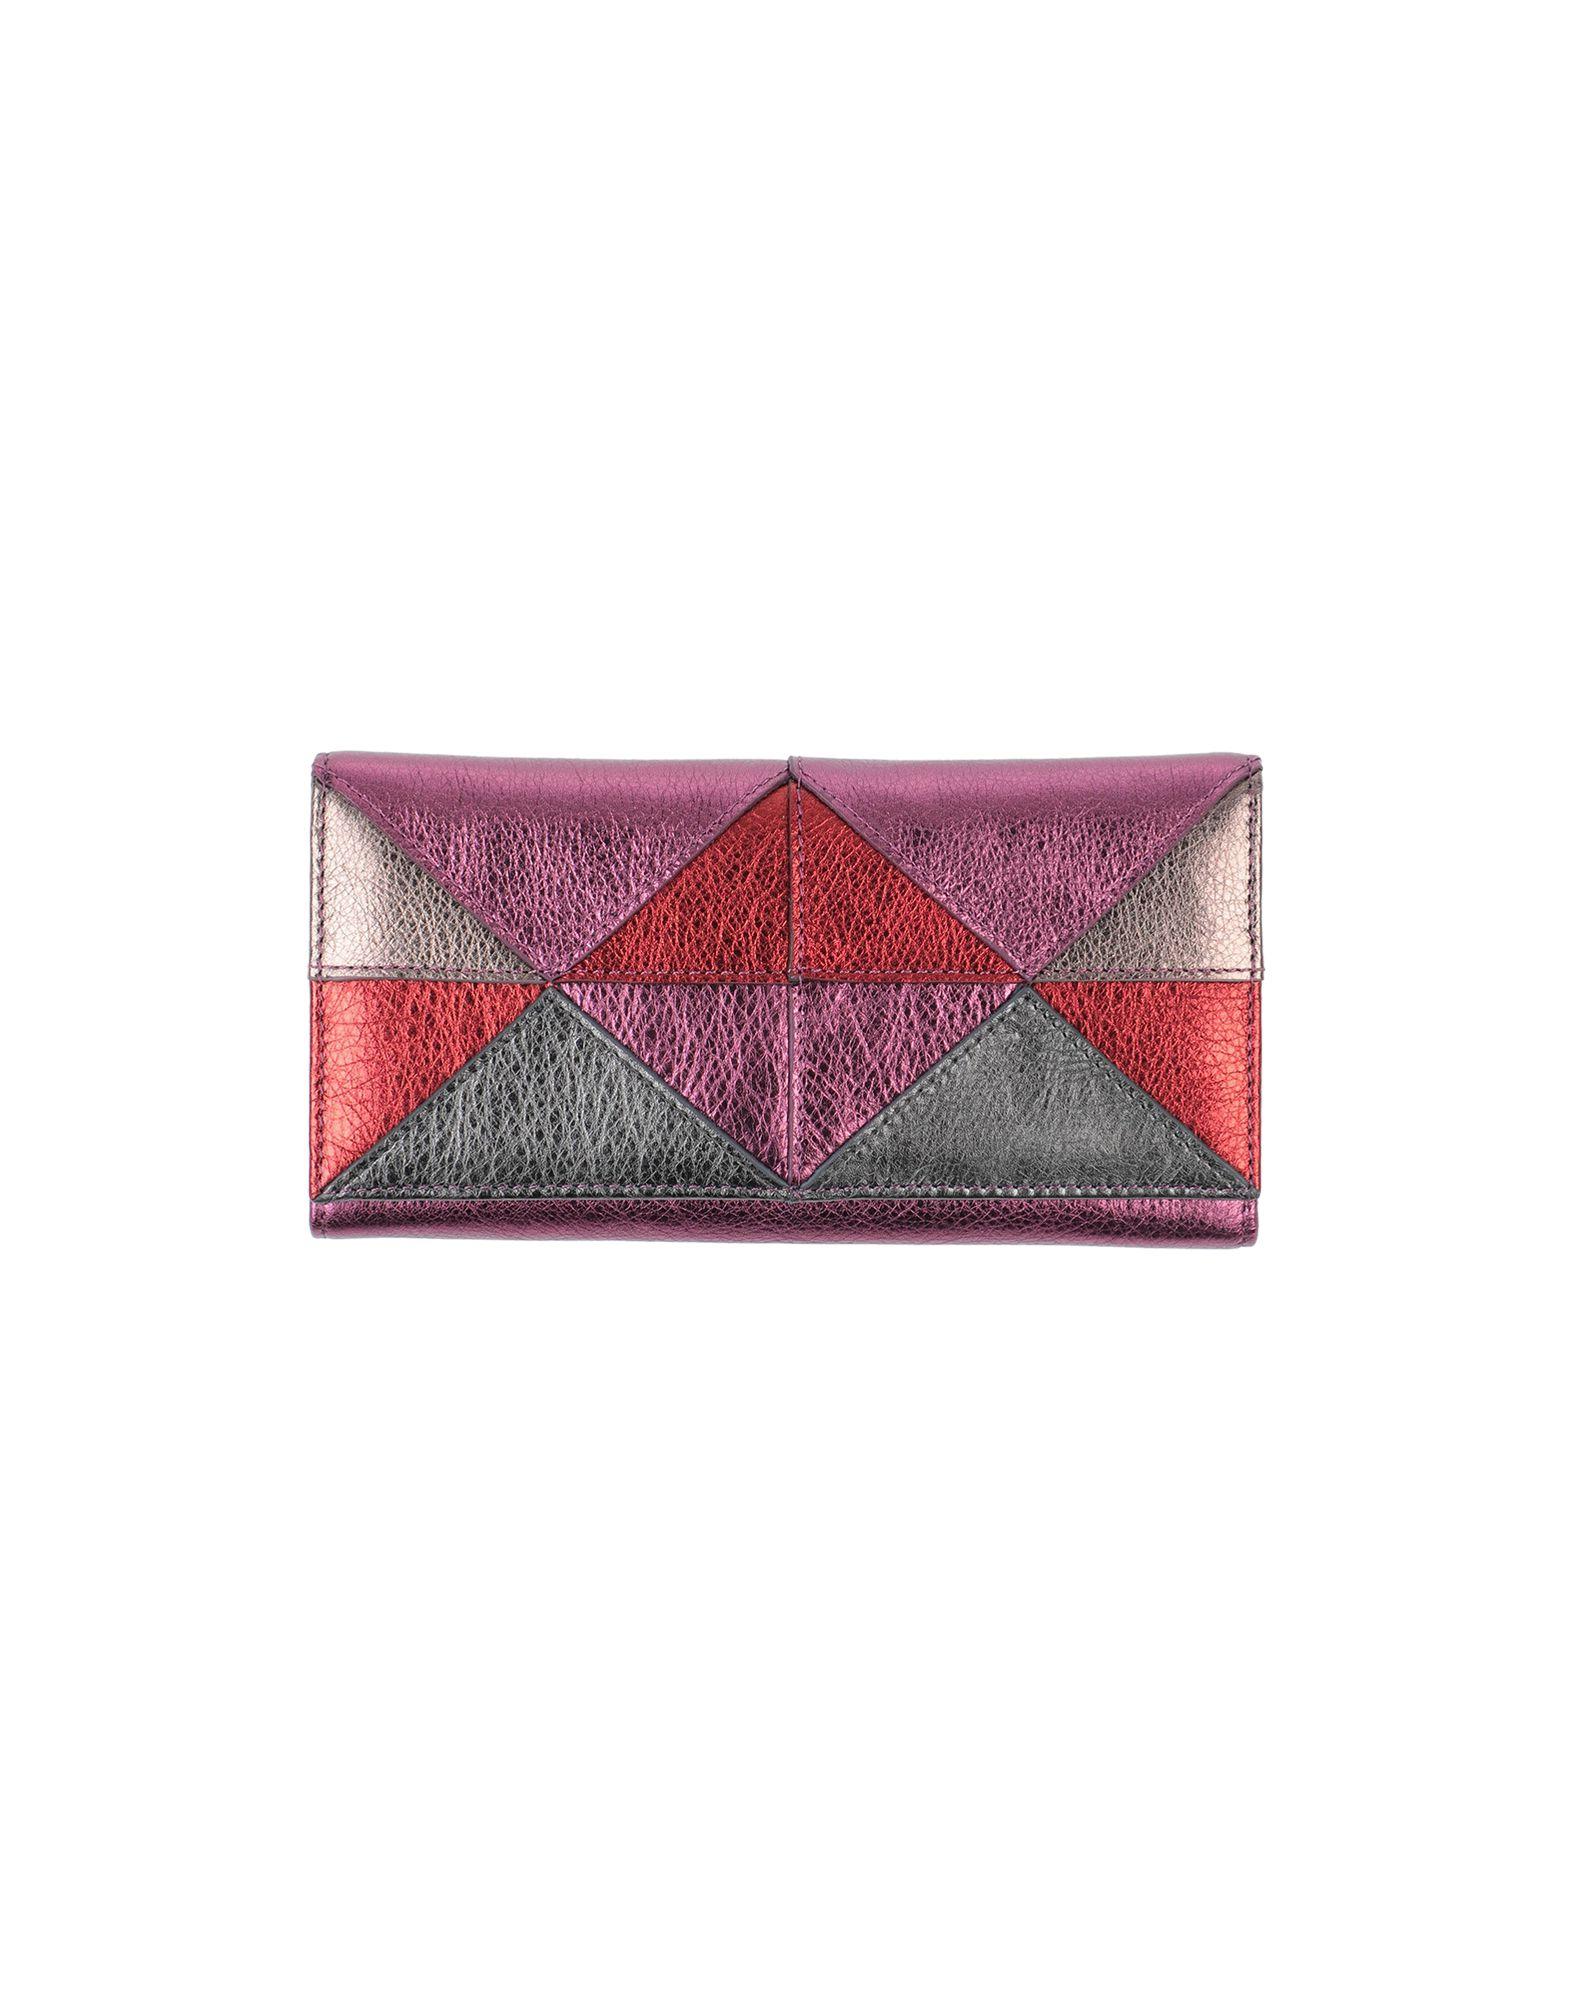 GIANNI CHIARINI Бумажник рюкзак gianni chiarini zn 9230 18pe ind marble